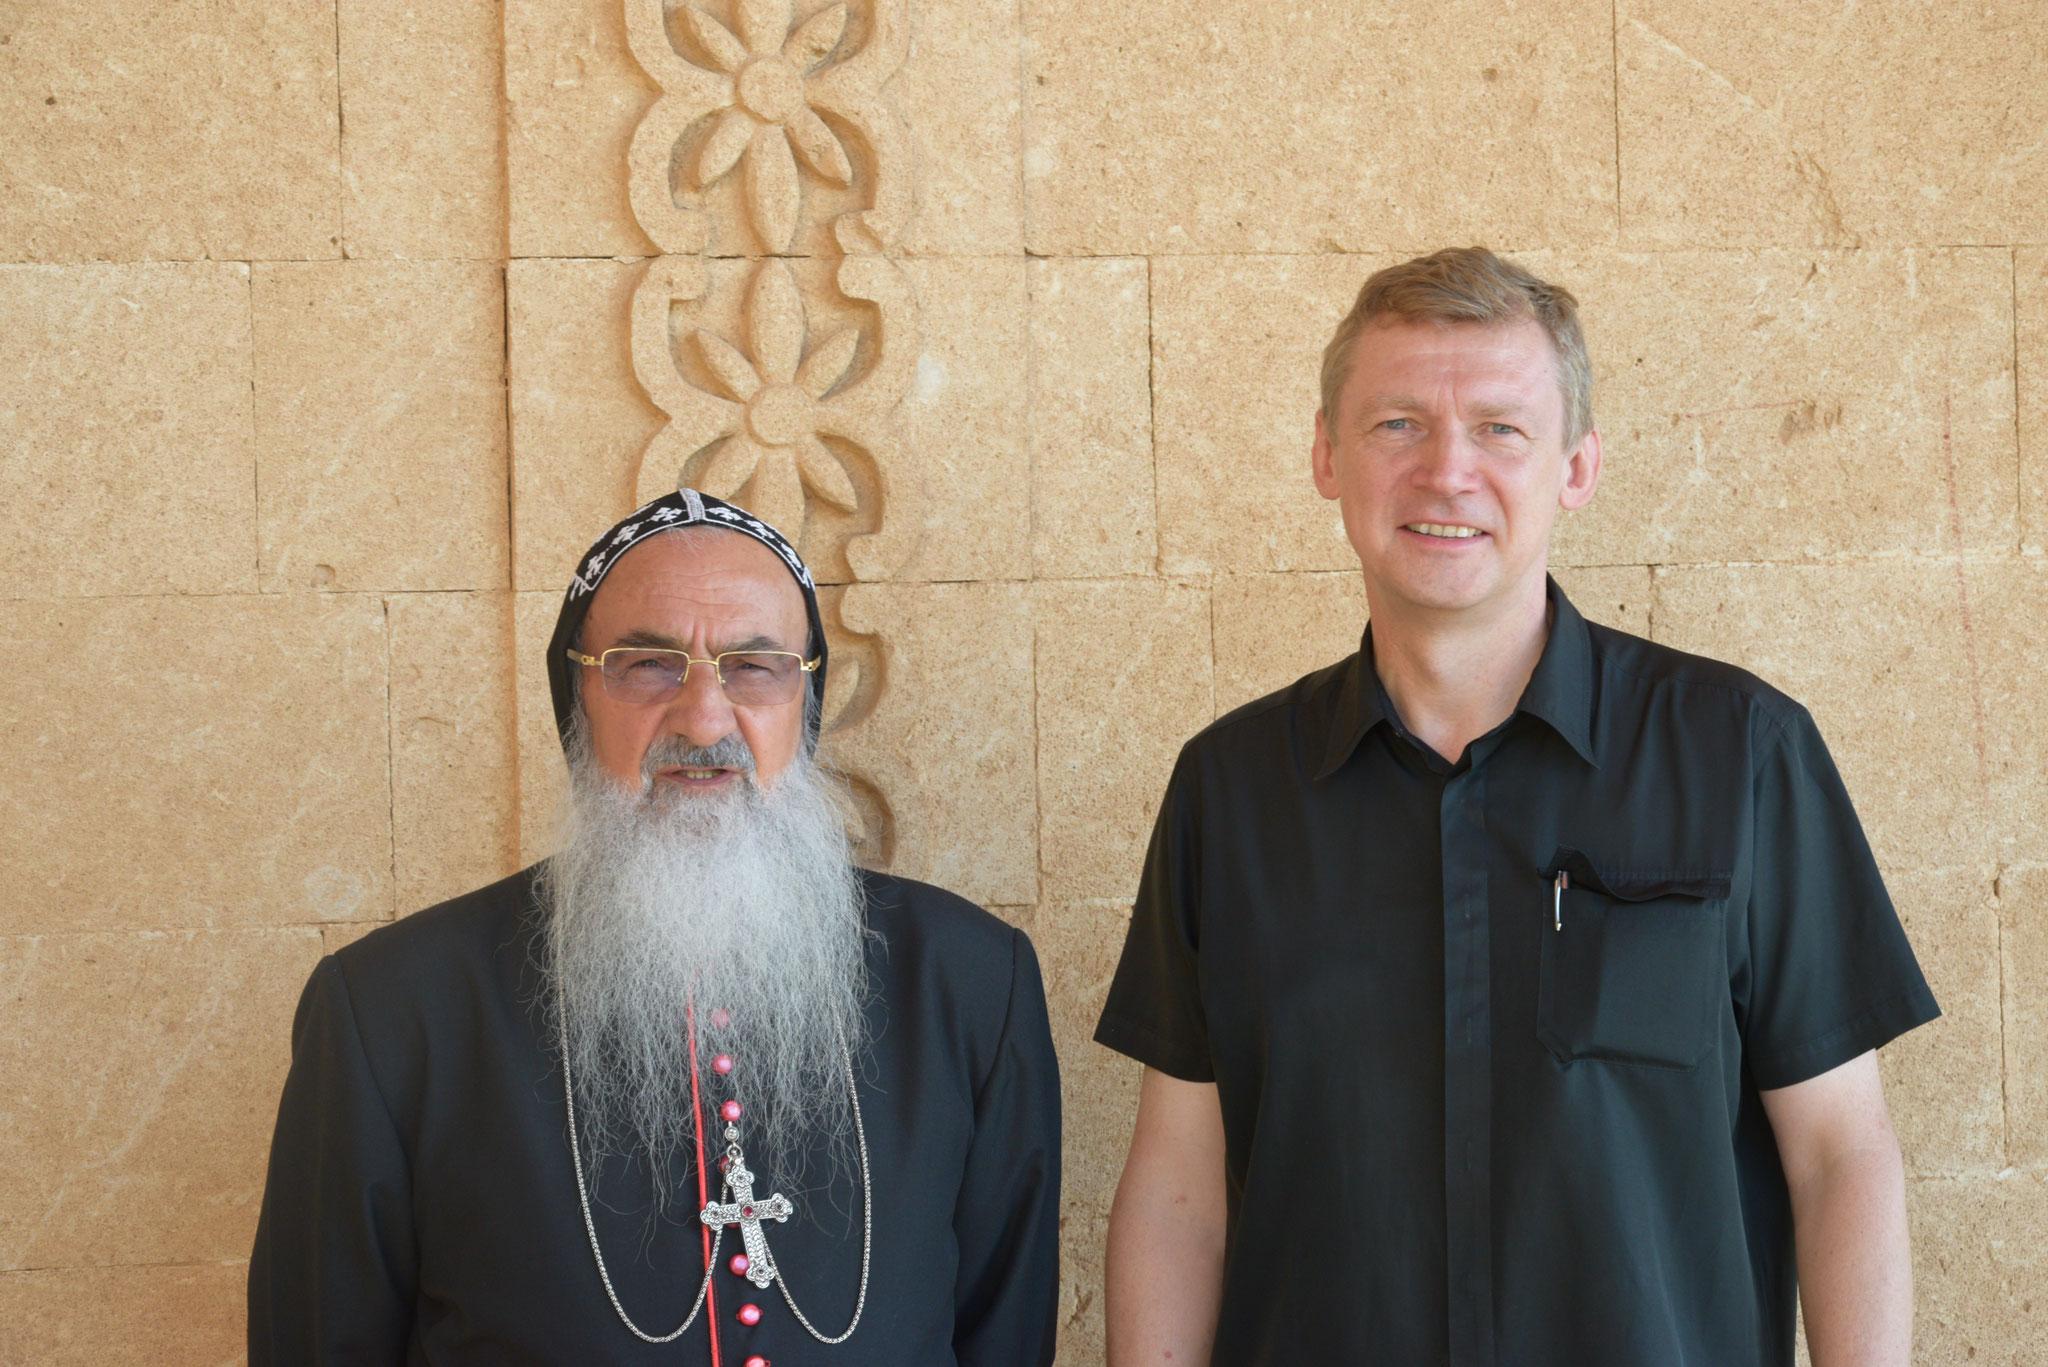 Abtbischof Timotheos (links) leitet das Kloster Mor Gabriel und die syrisch-orthodoxe Kirche im Tur Abdin. ICO-Obmann Slawomir Dadas (rechts) hat ihn im Sommer 2019 besucht.